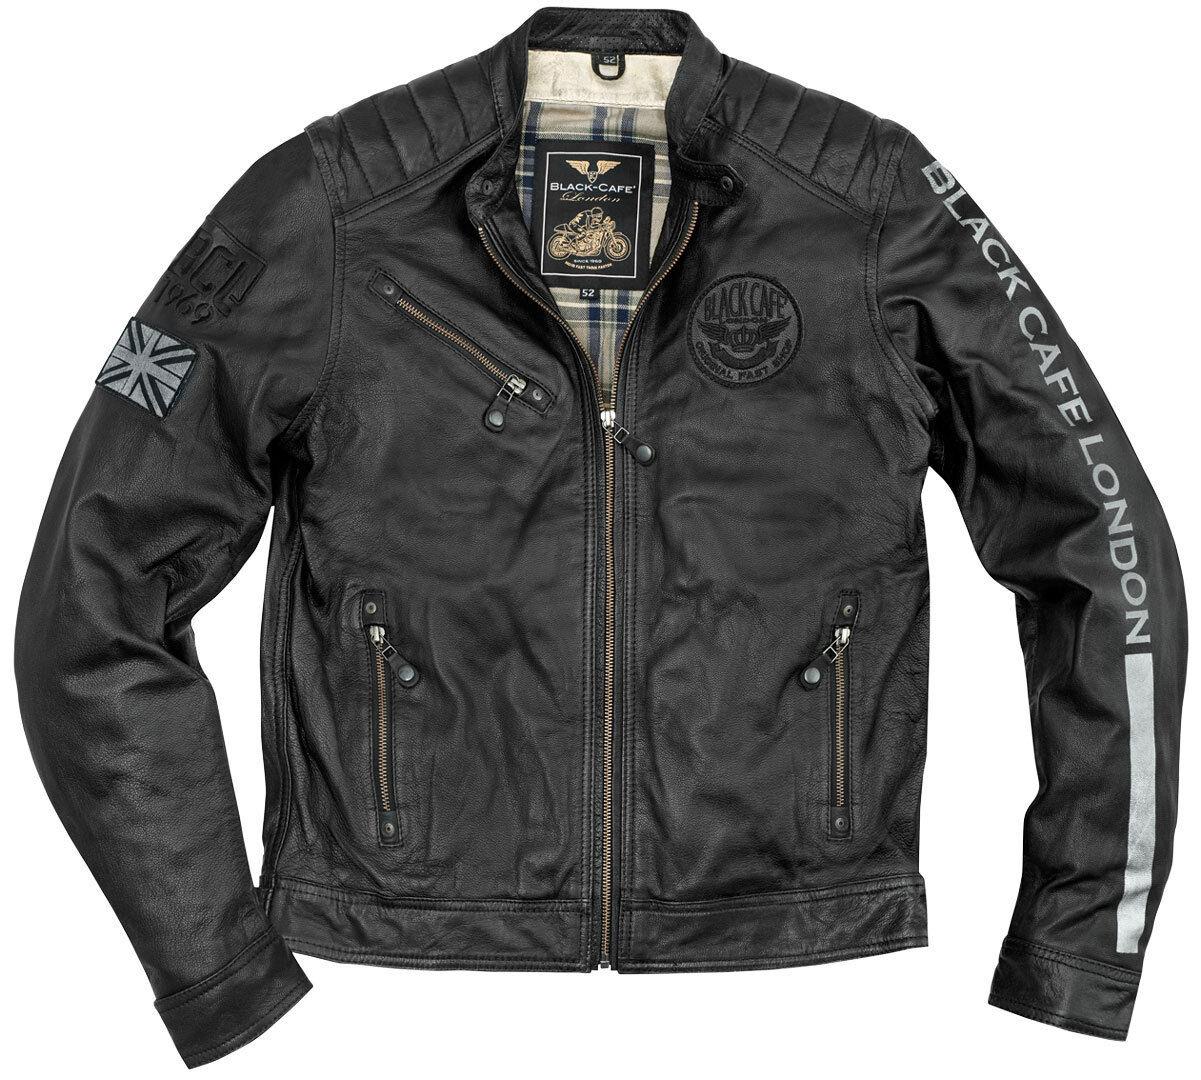 Black-Cafe London Shanghai Veste en cuir de moto Noir Blanc taille : 58